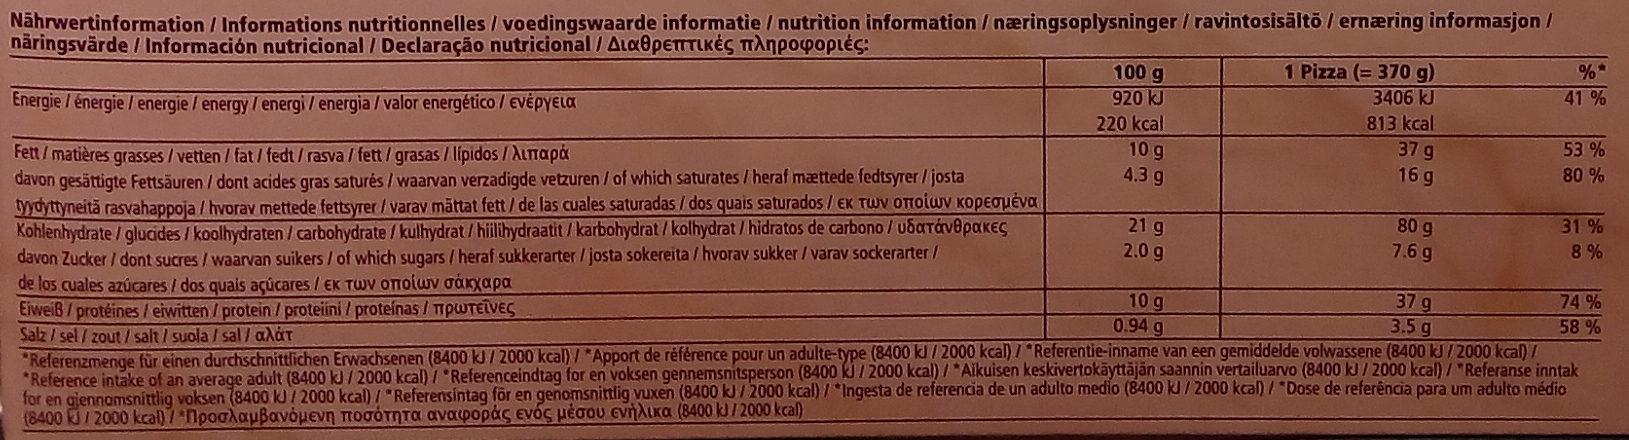 Ristorante Gluten Free Mozzarella Pizza - Informations nutritionnelles - sv